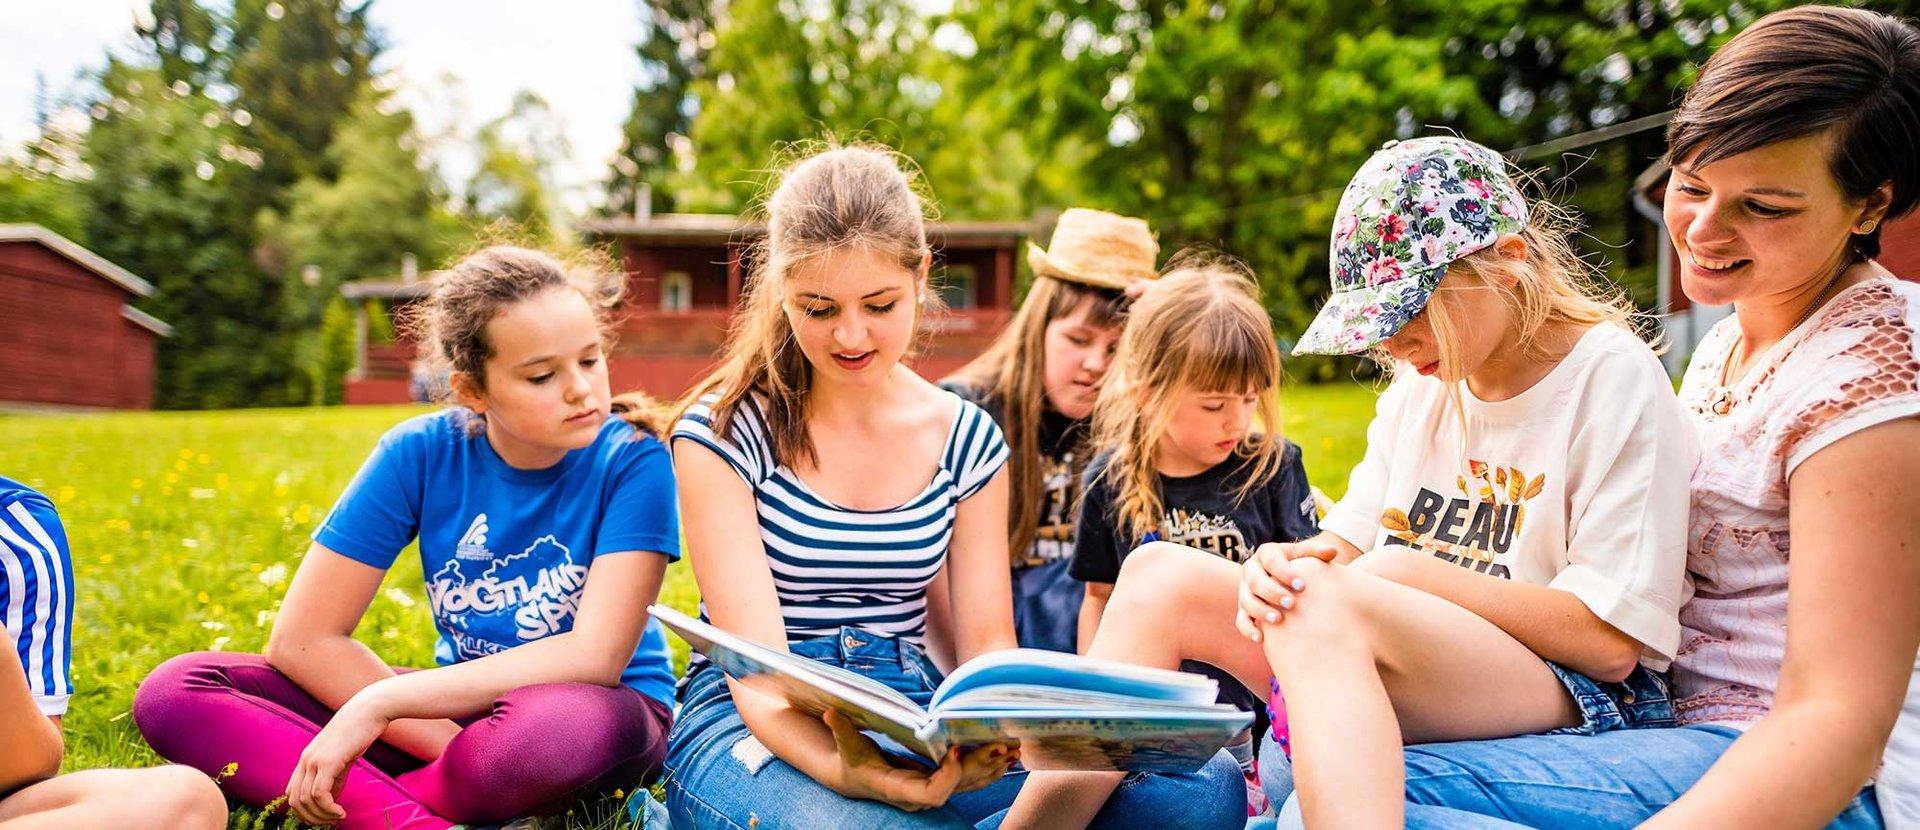 Skupinová ubytování pro školy, kluby a rodiny